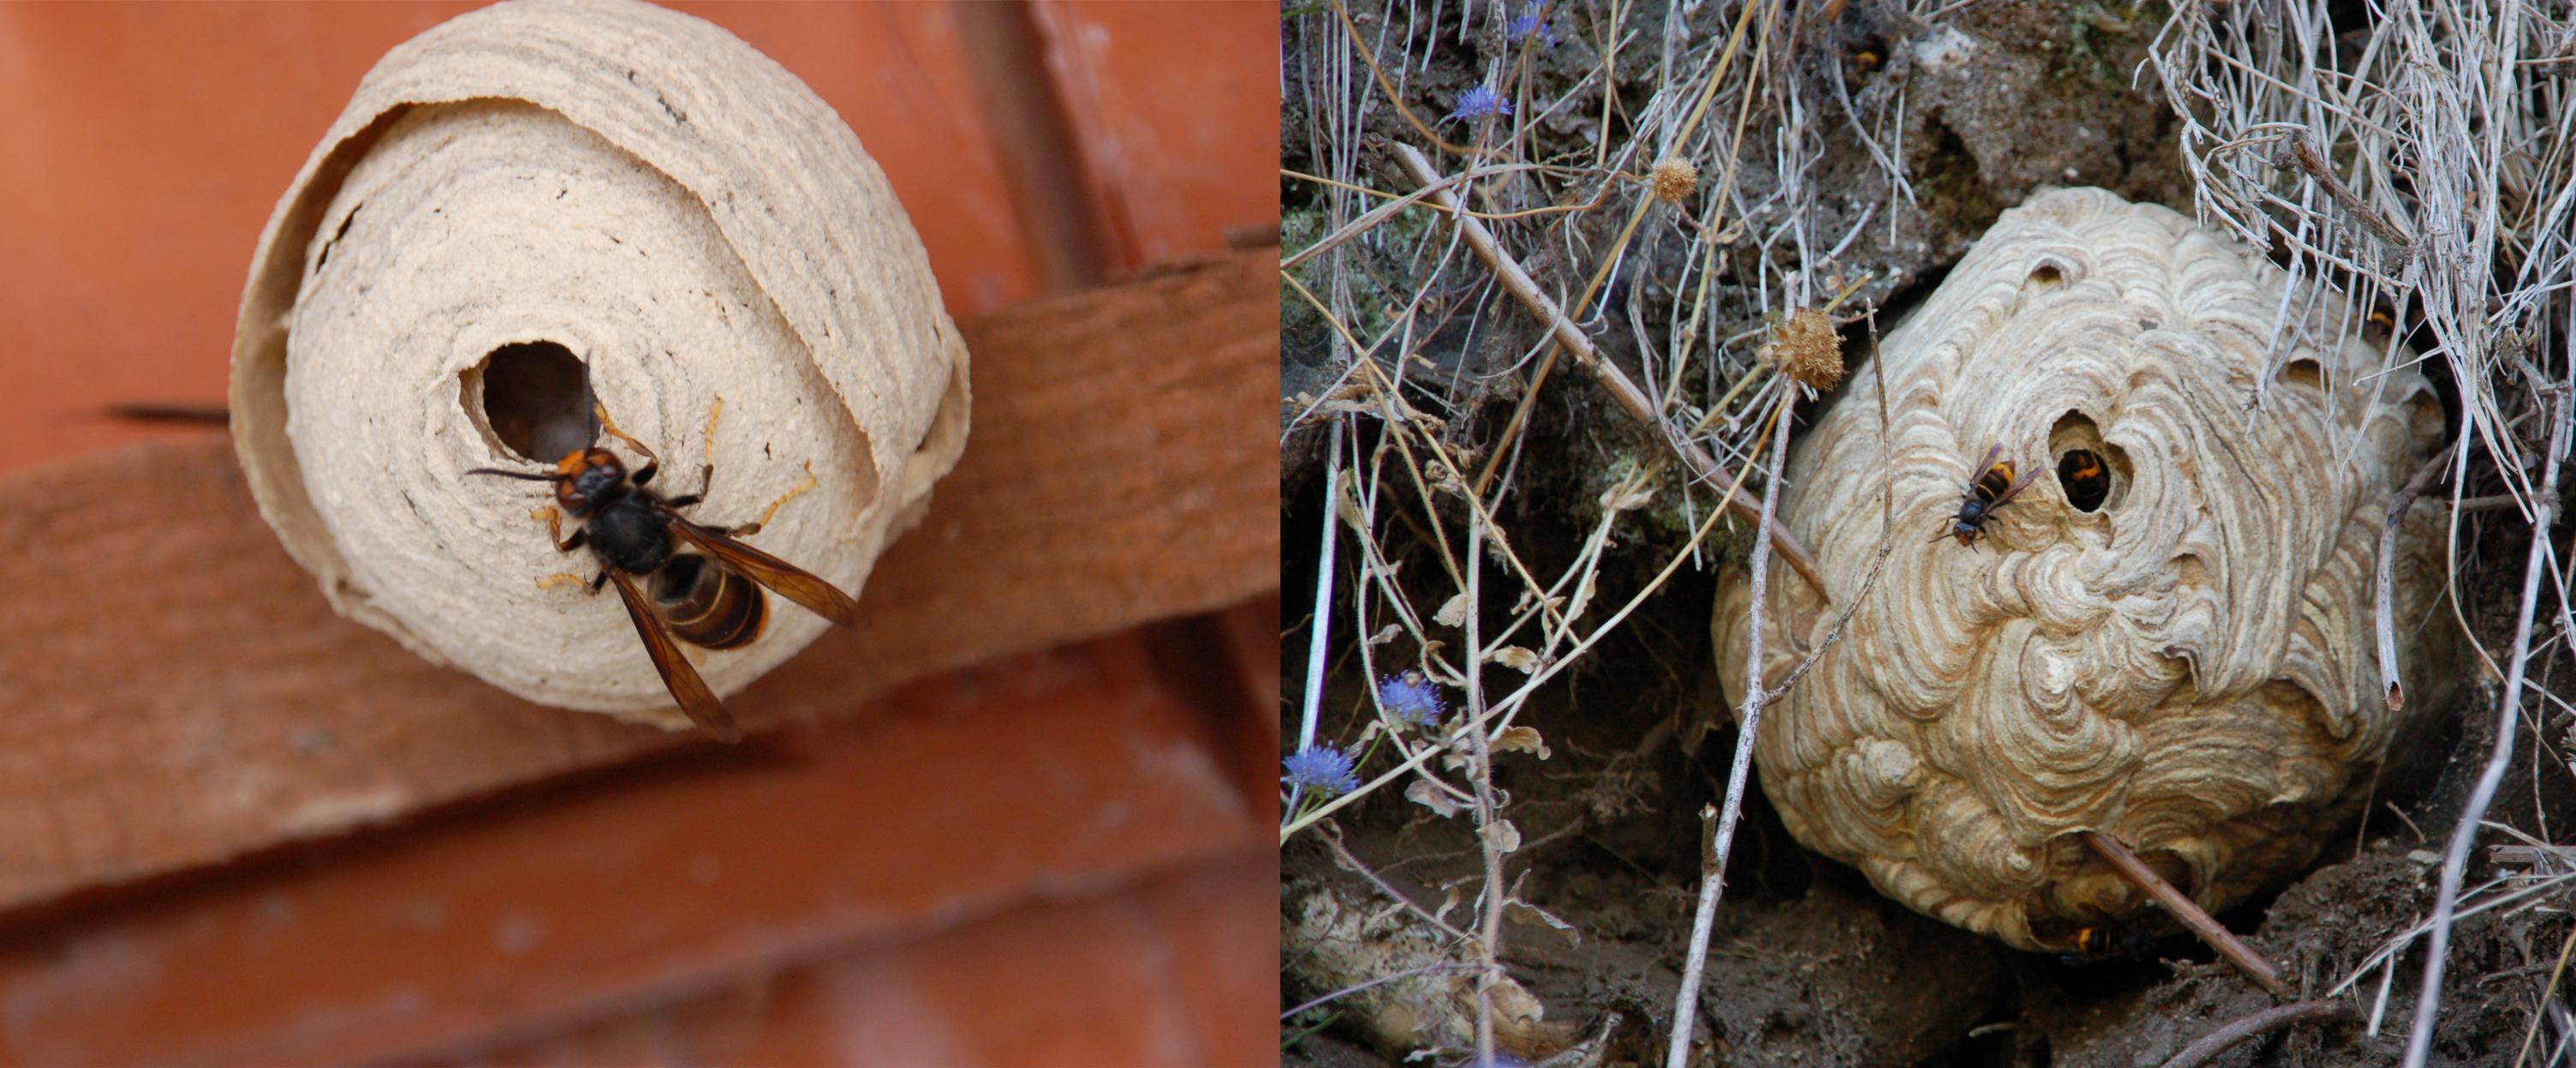 Como identificar e agir se detectar um ninho de vespa asiática